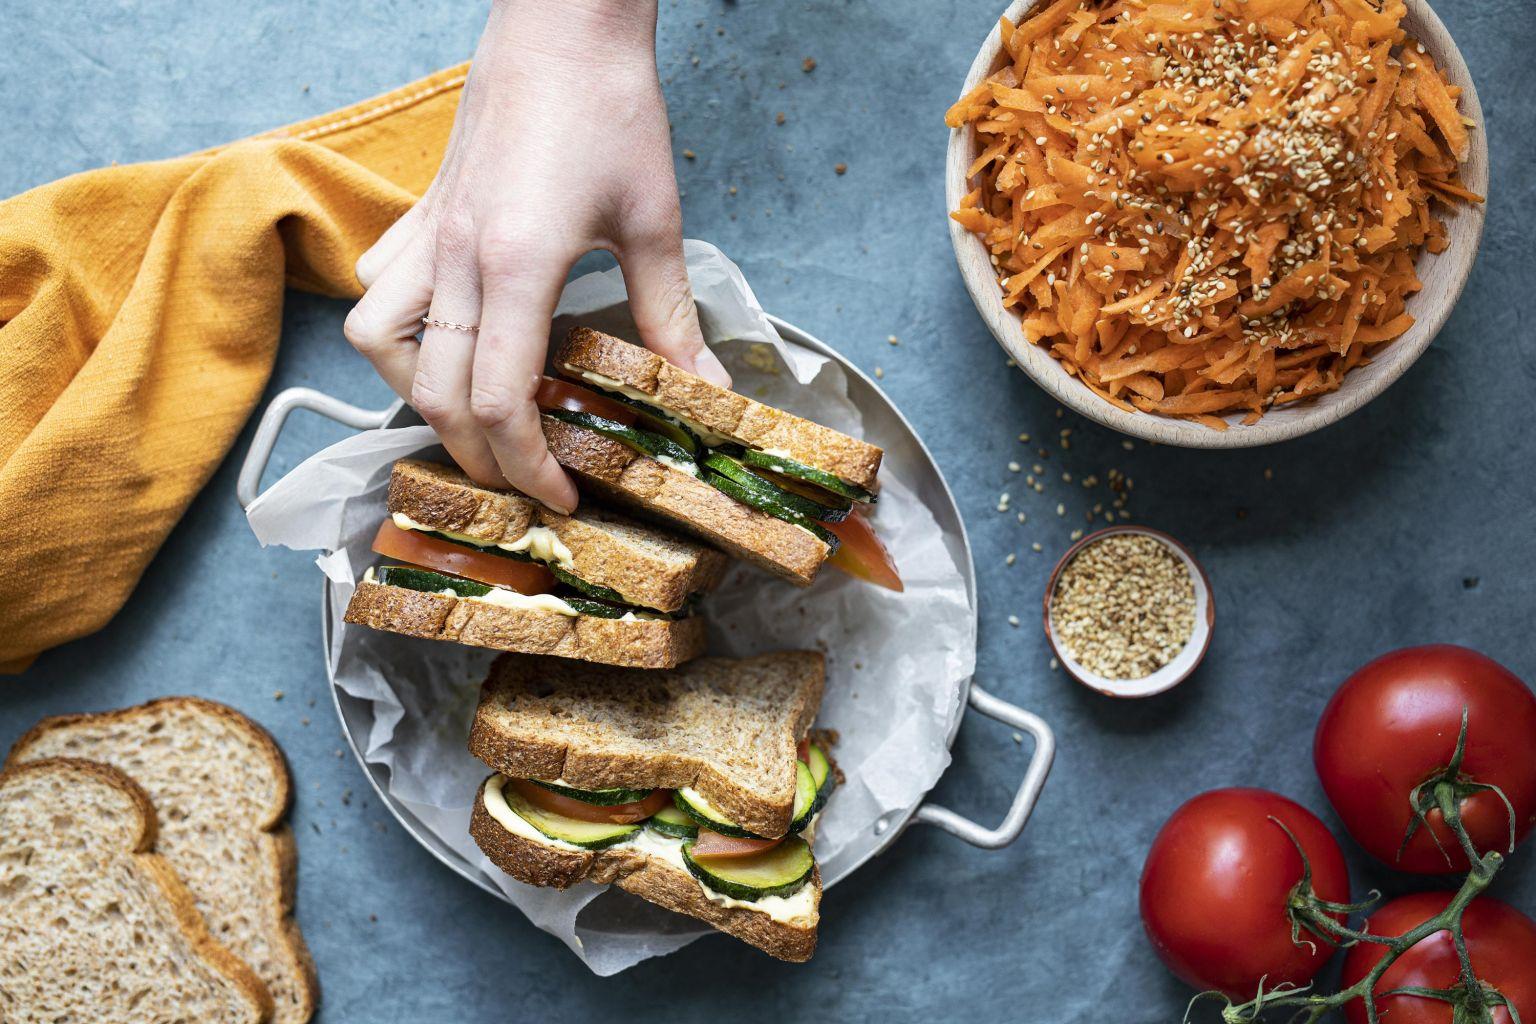 Club-sandwich asiatique aux légumes grillés et salade carotte/sésame